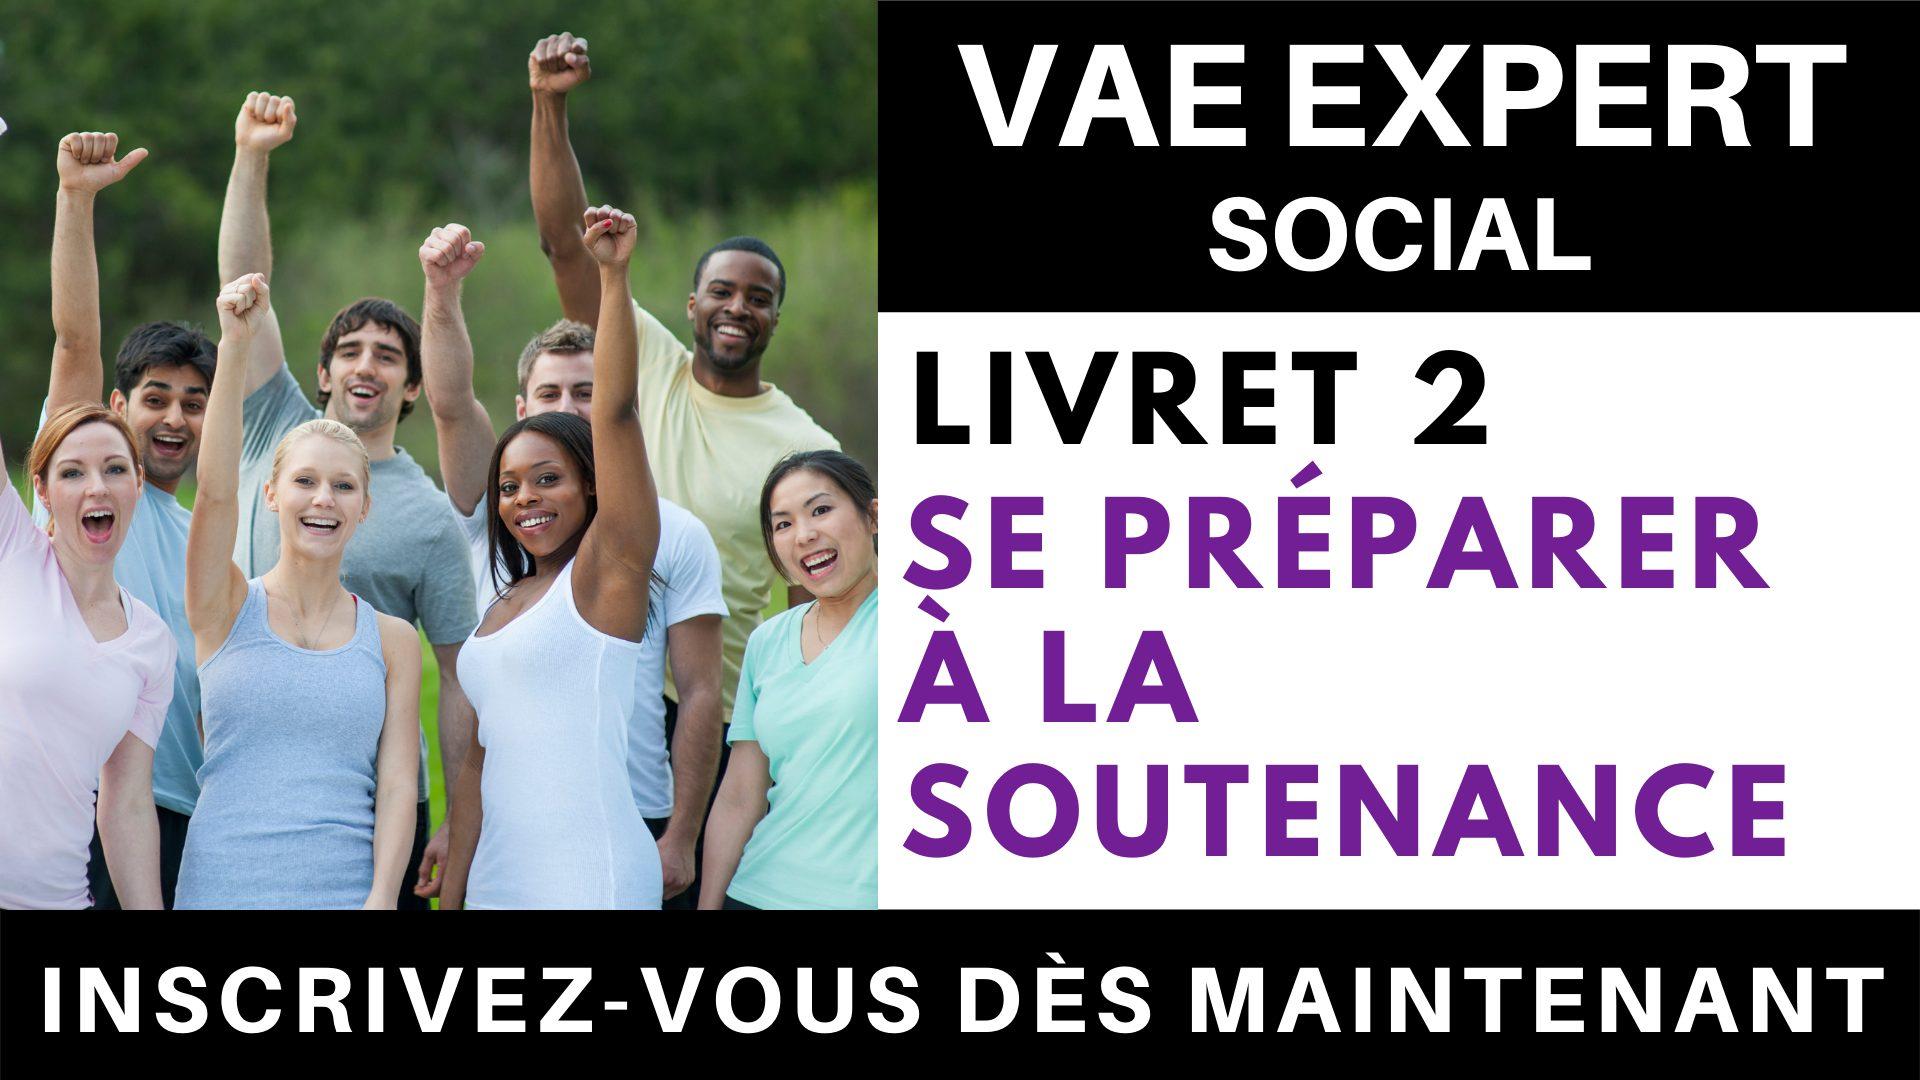 VAE EXPERT SOCIAL - Livret 2 Se préparer à la soutenance